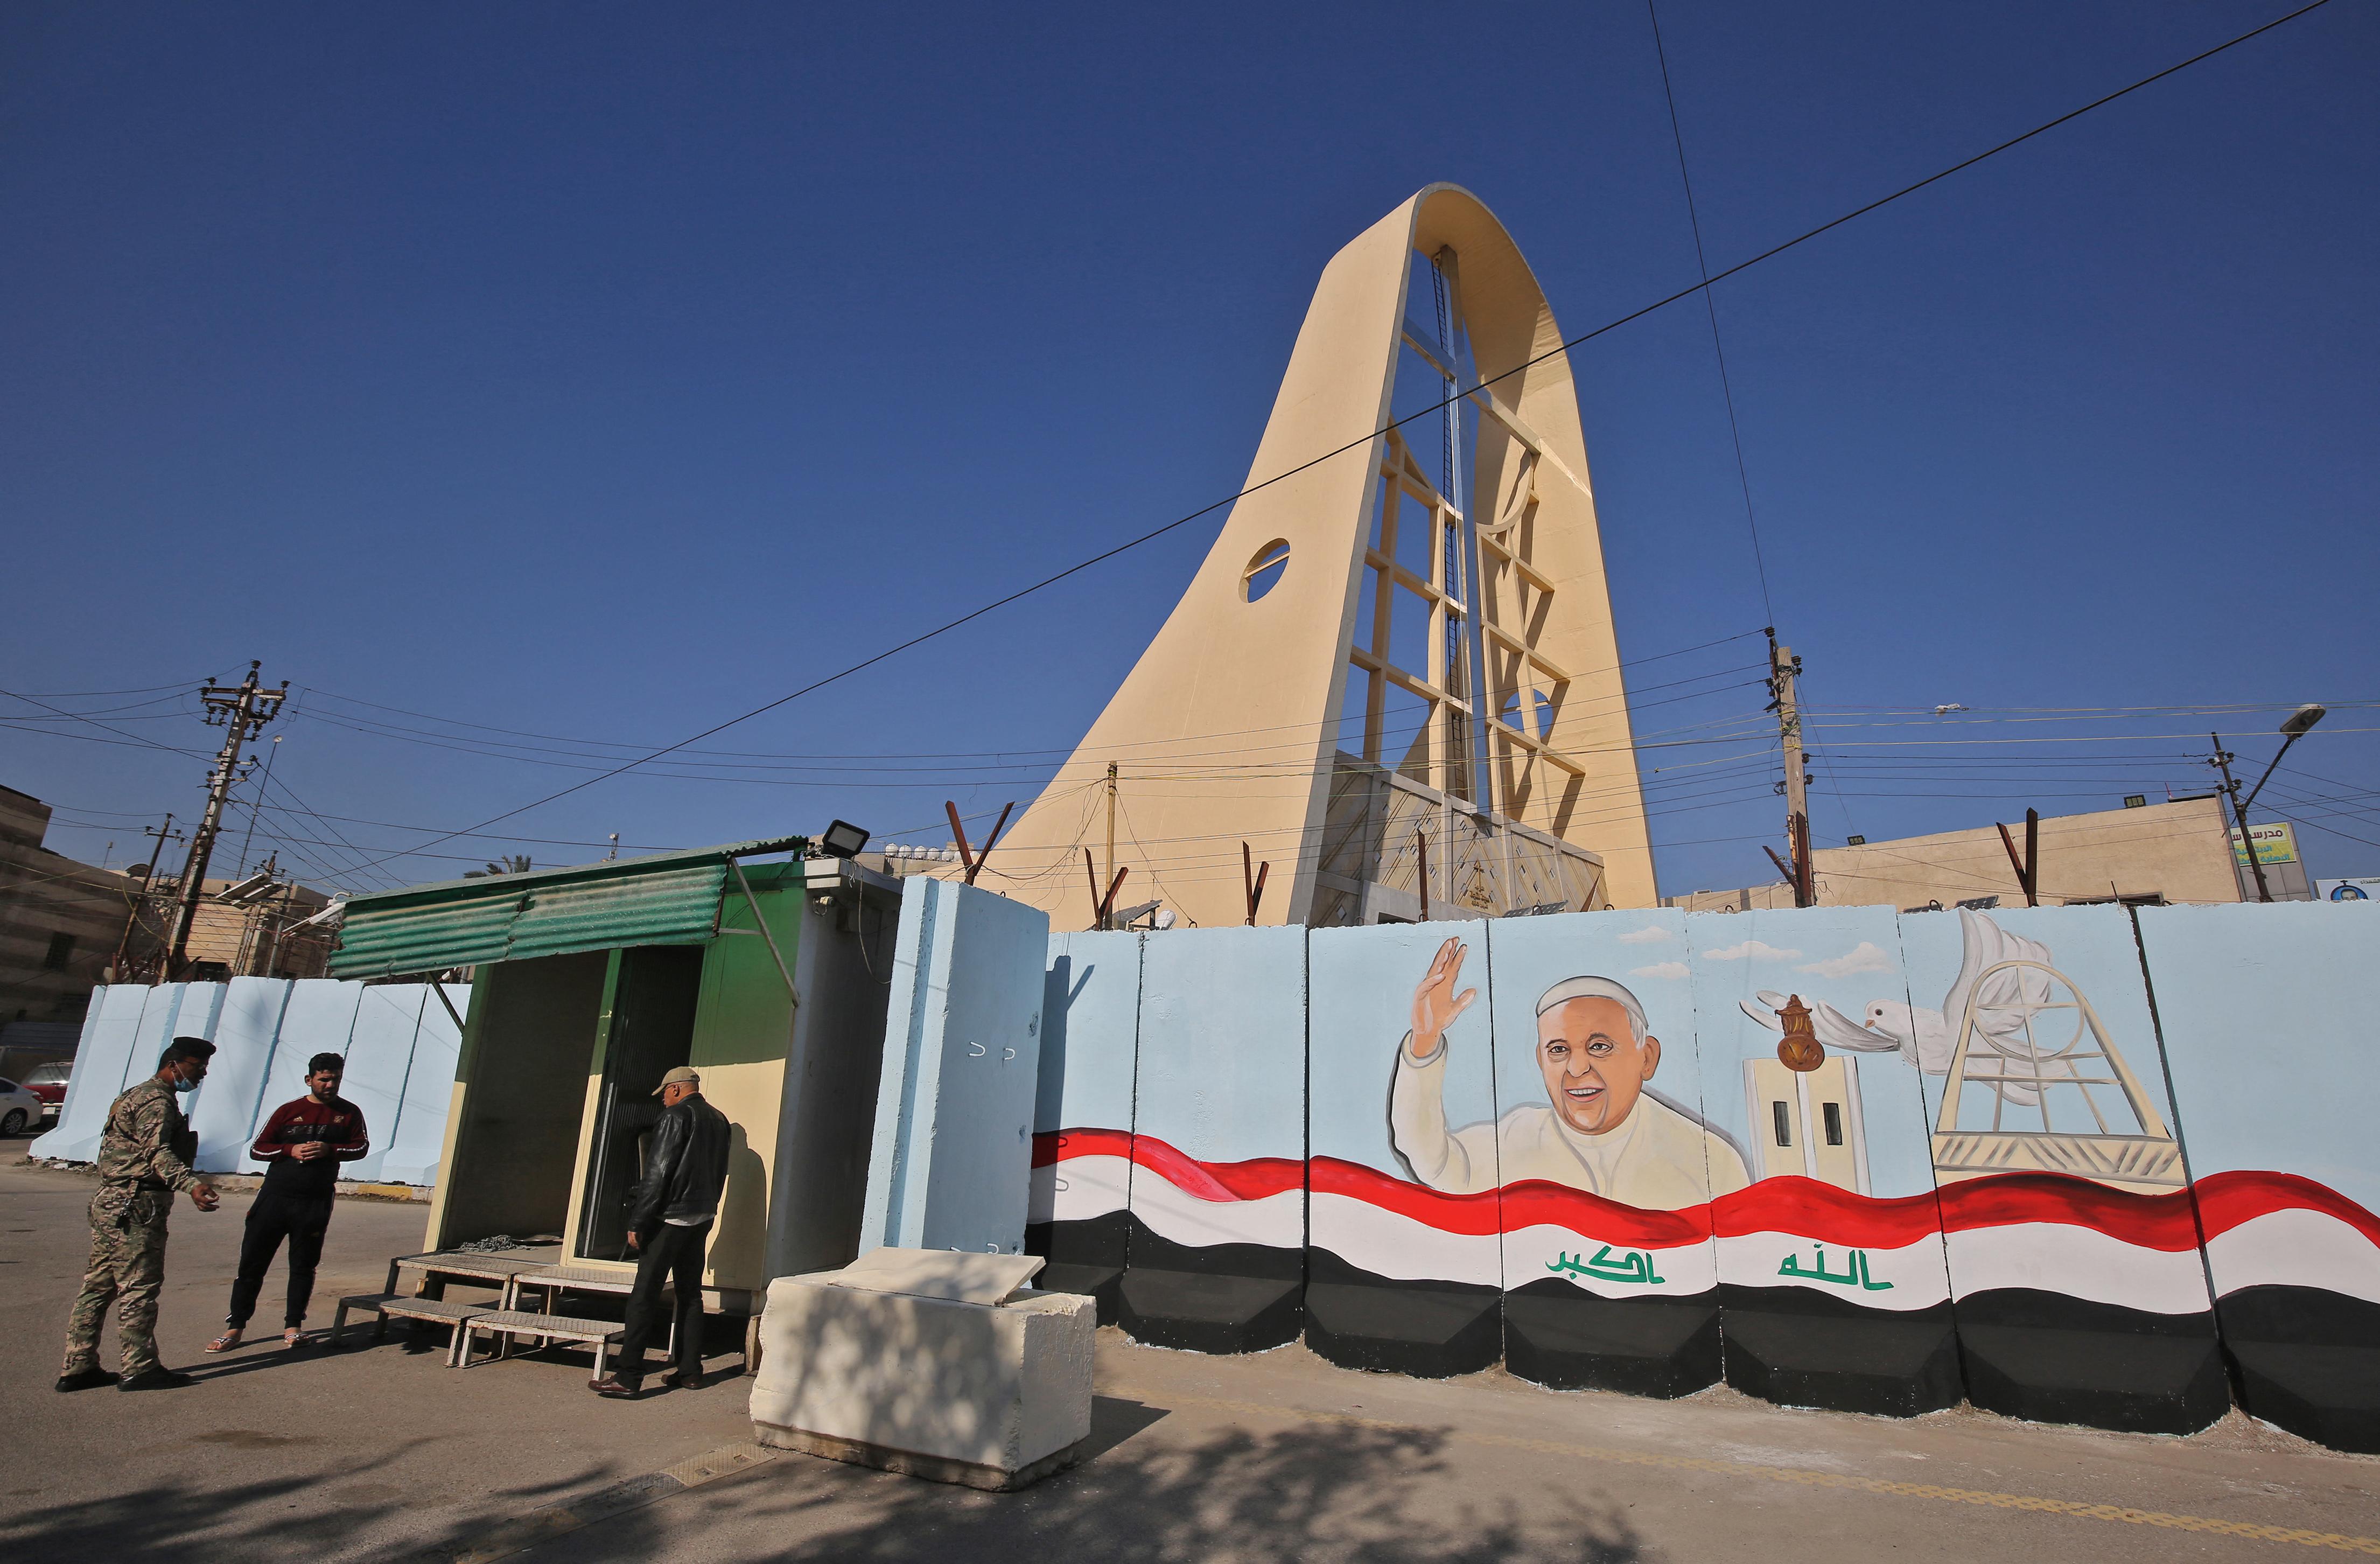 Vidéo : le massacre de la cathédrale de Bagdad, traumatisme pour les chrétiens d'Irak